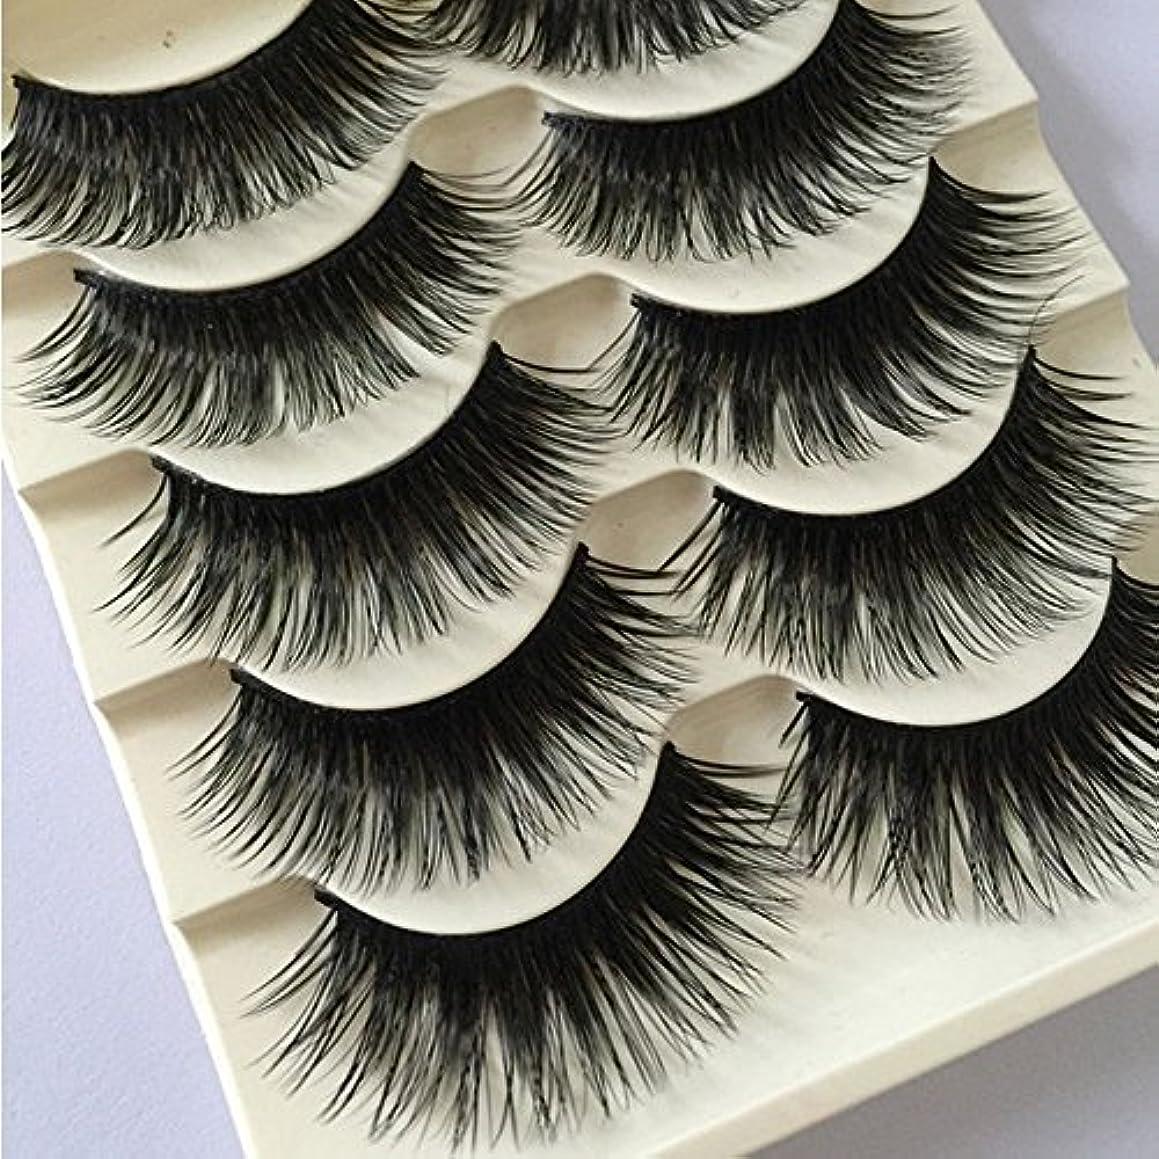 ユーザークラウン突き出す5 Pairs Women Fashion Natural Long Fake Eye Lashes Handmade Thick False Eyelashes Black Makeup Tool New